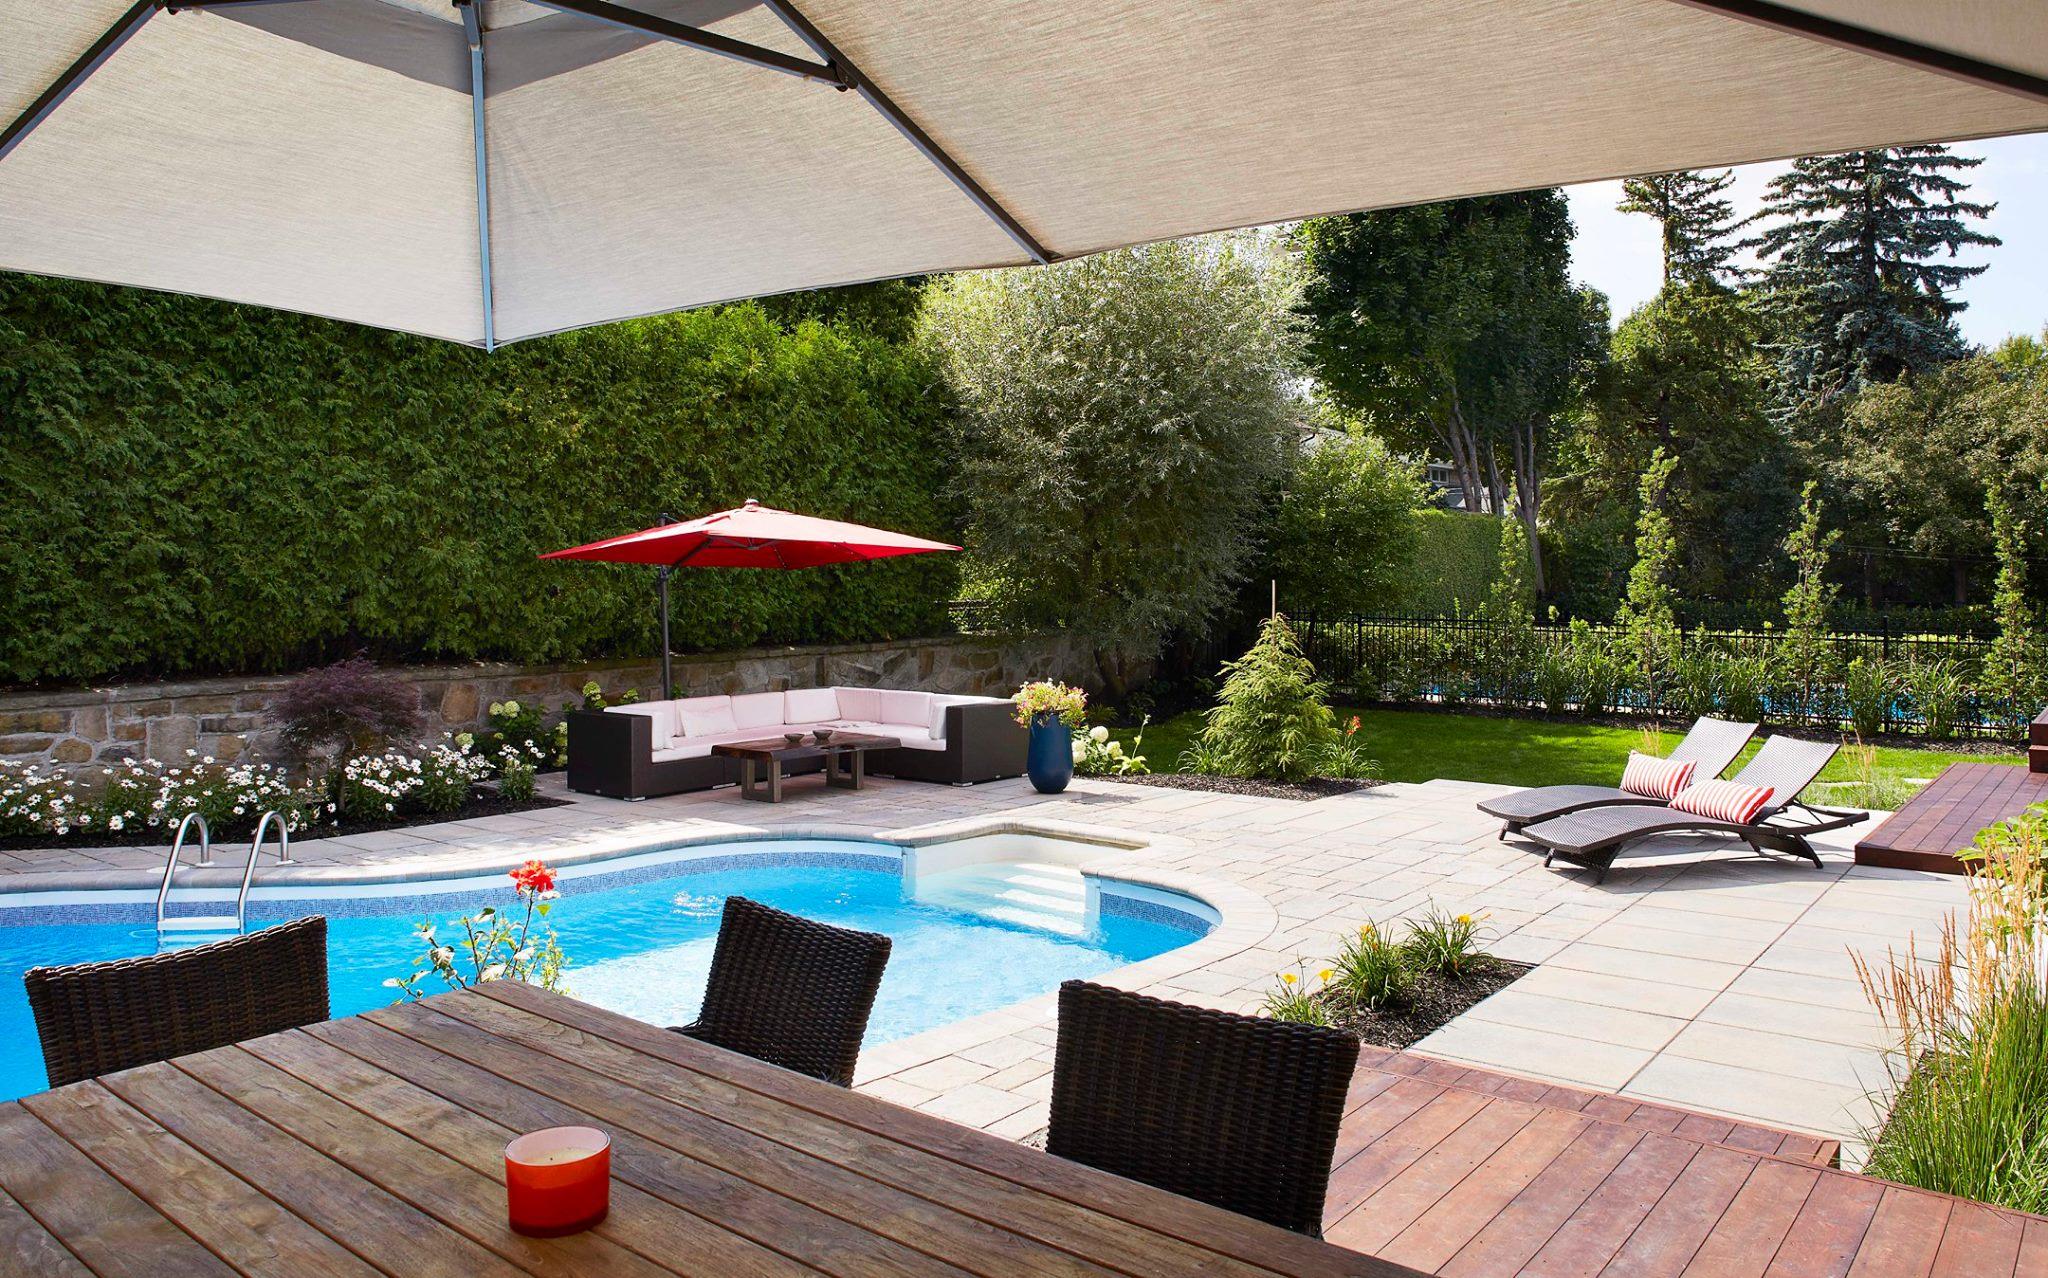 Aménagement d'espace de vie autour d'une piscine